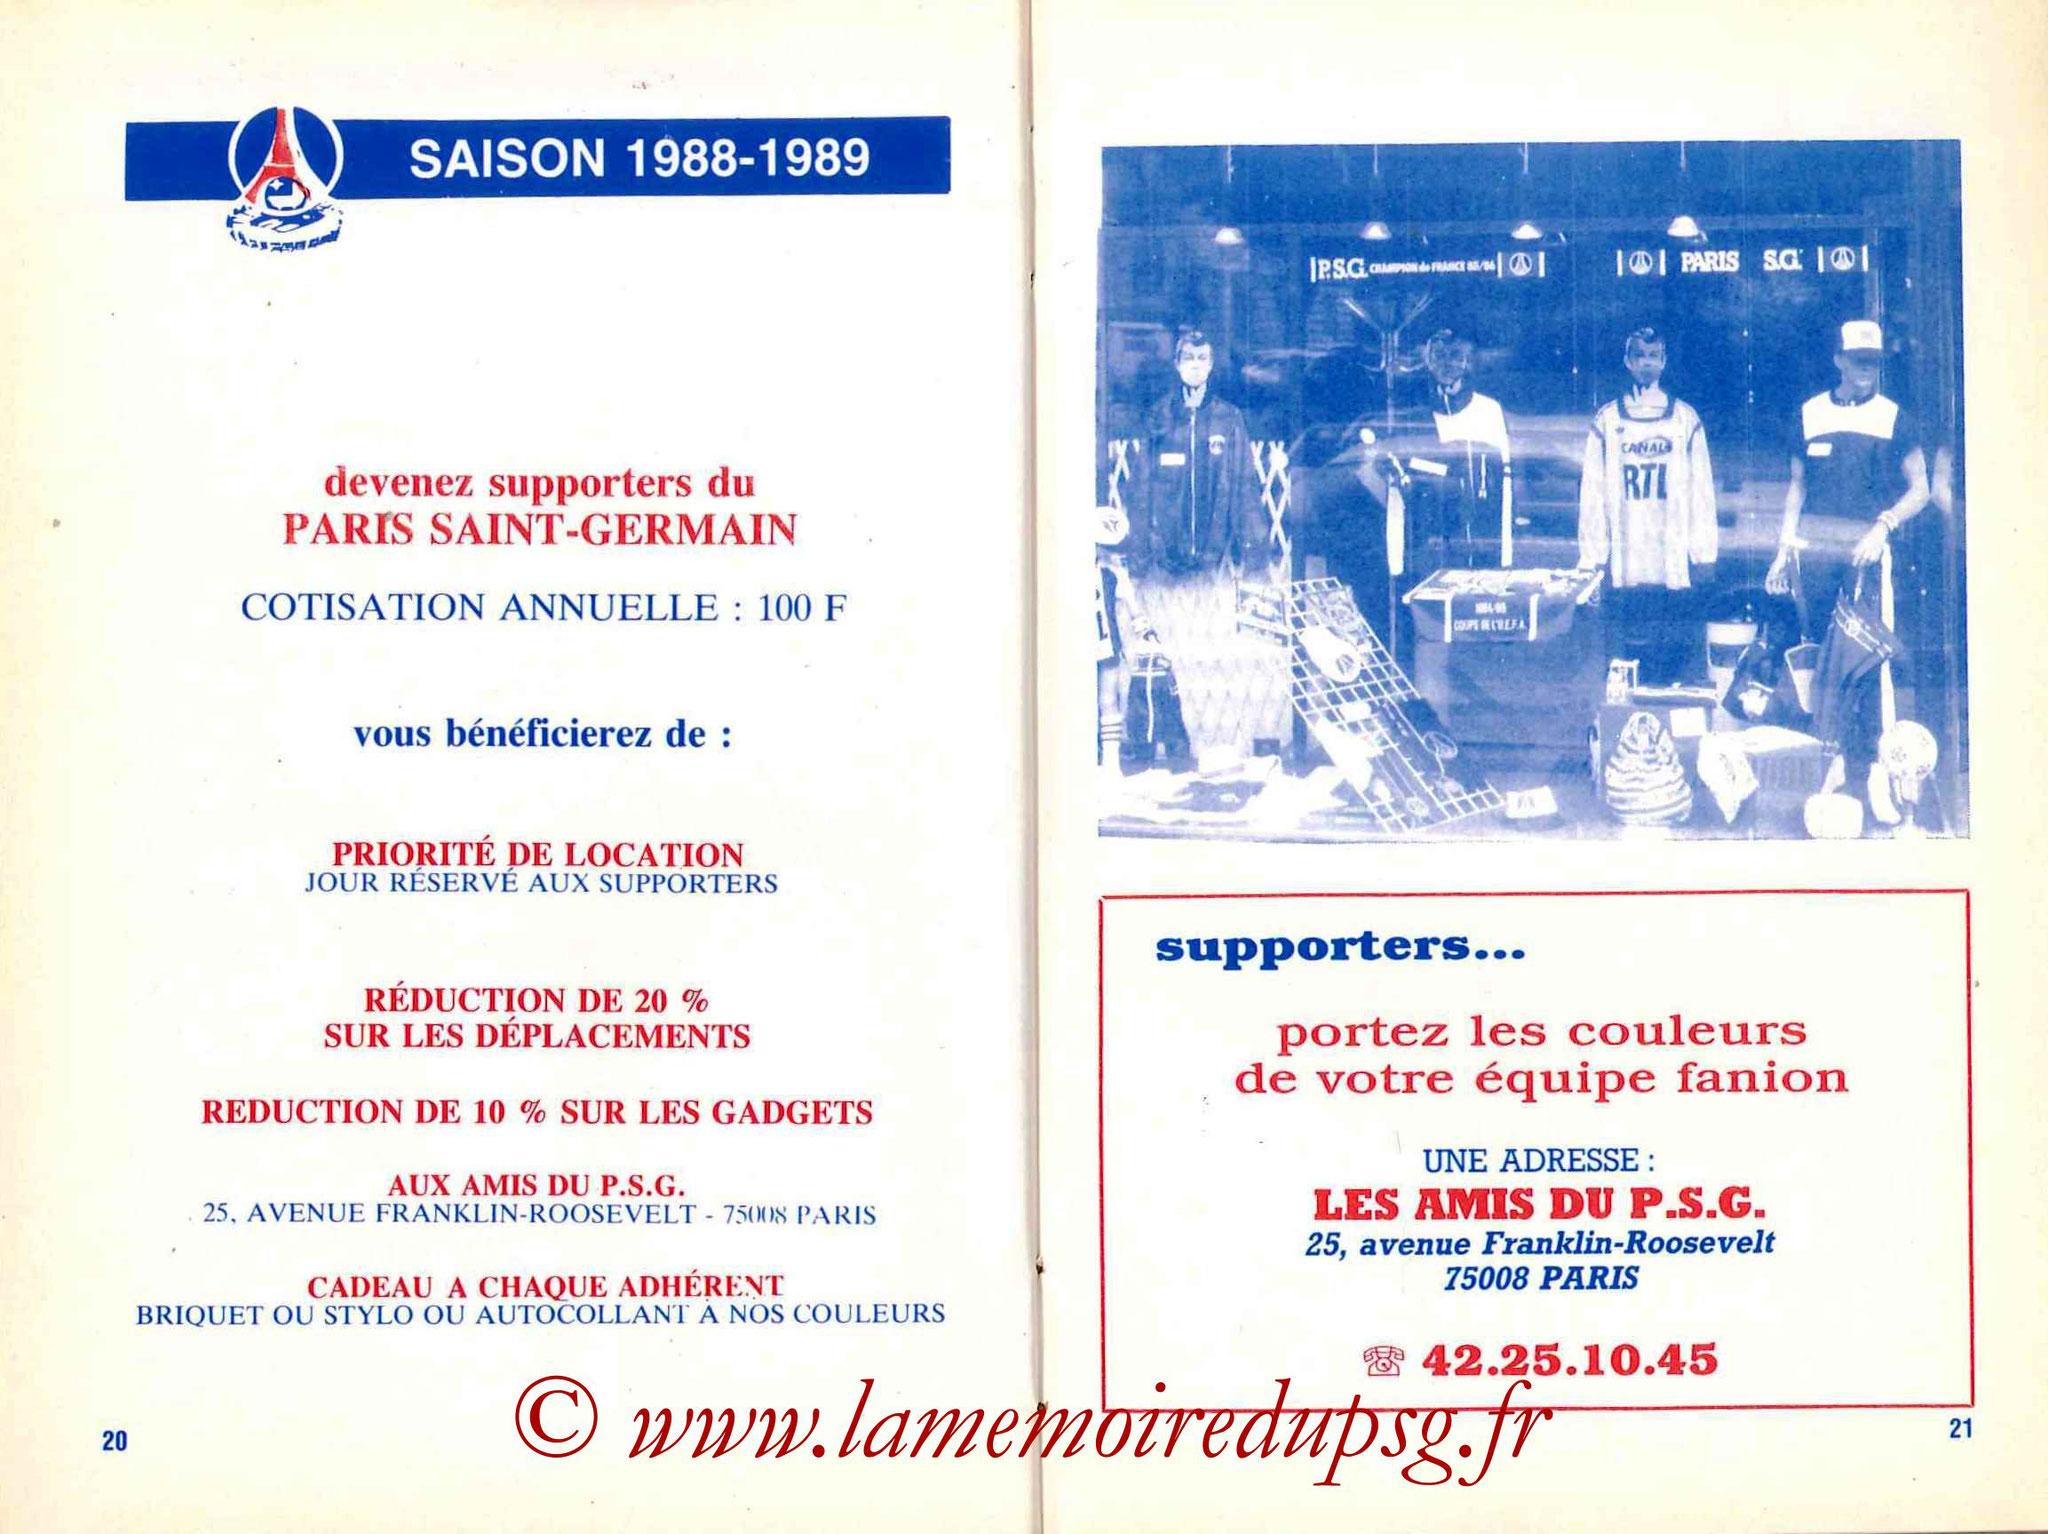 1988-89 - Guide de la Saison PSG - Pages 20 et 21